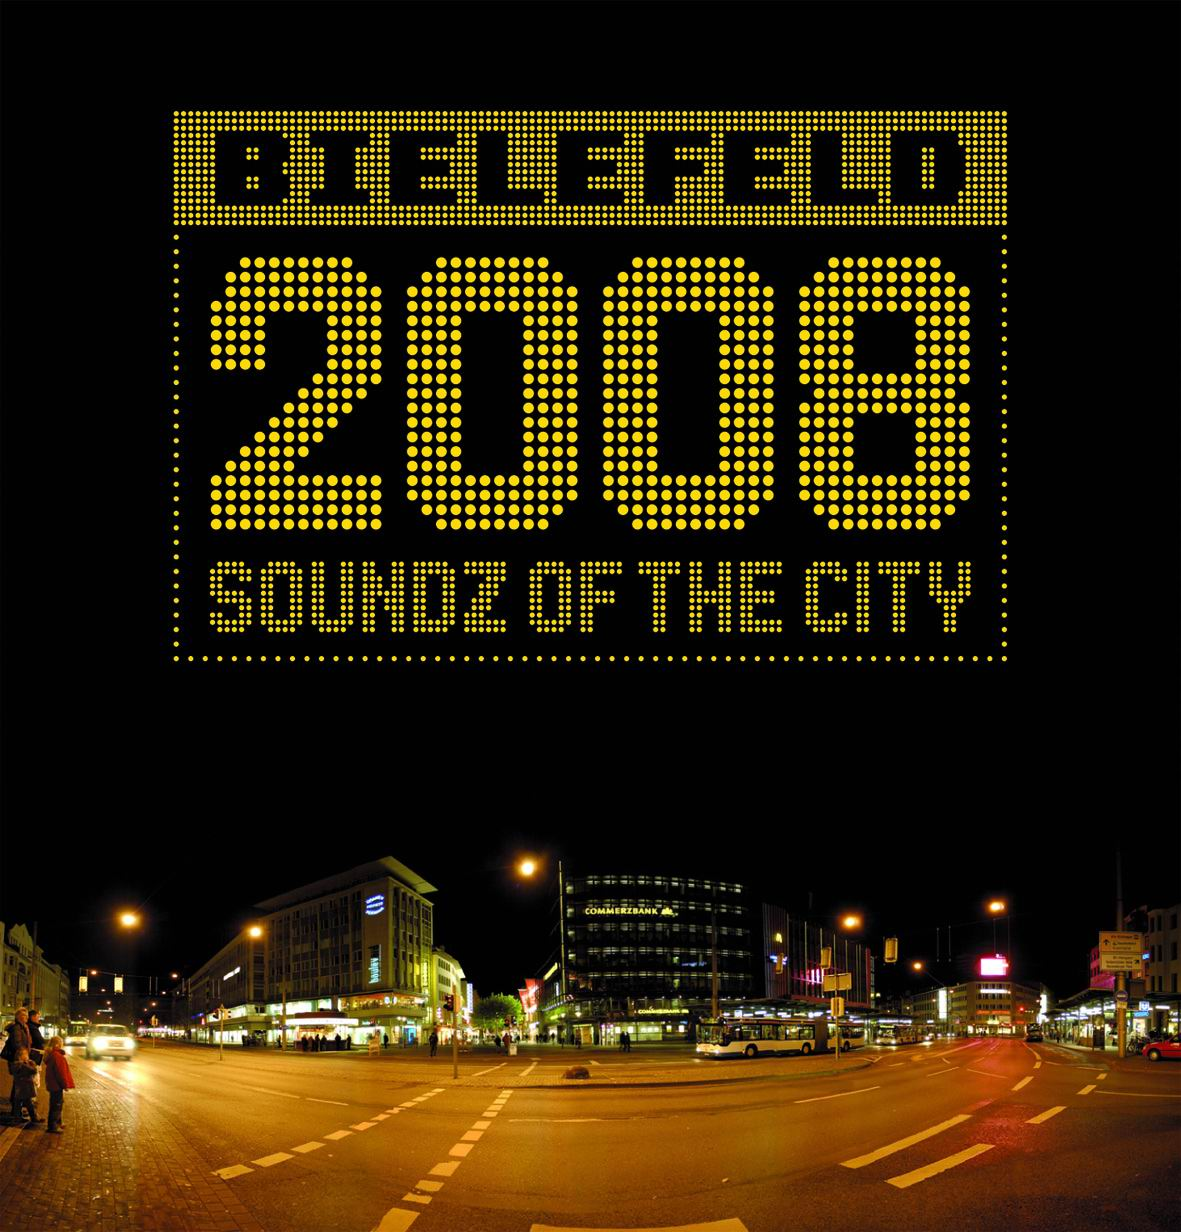 CD: Soundz of the City 2008